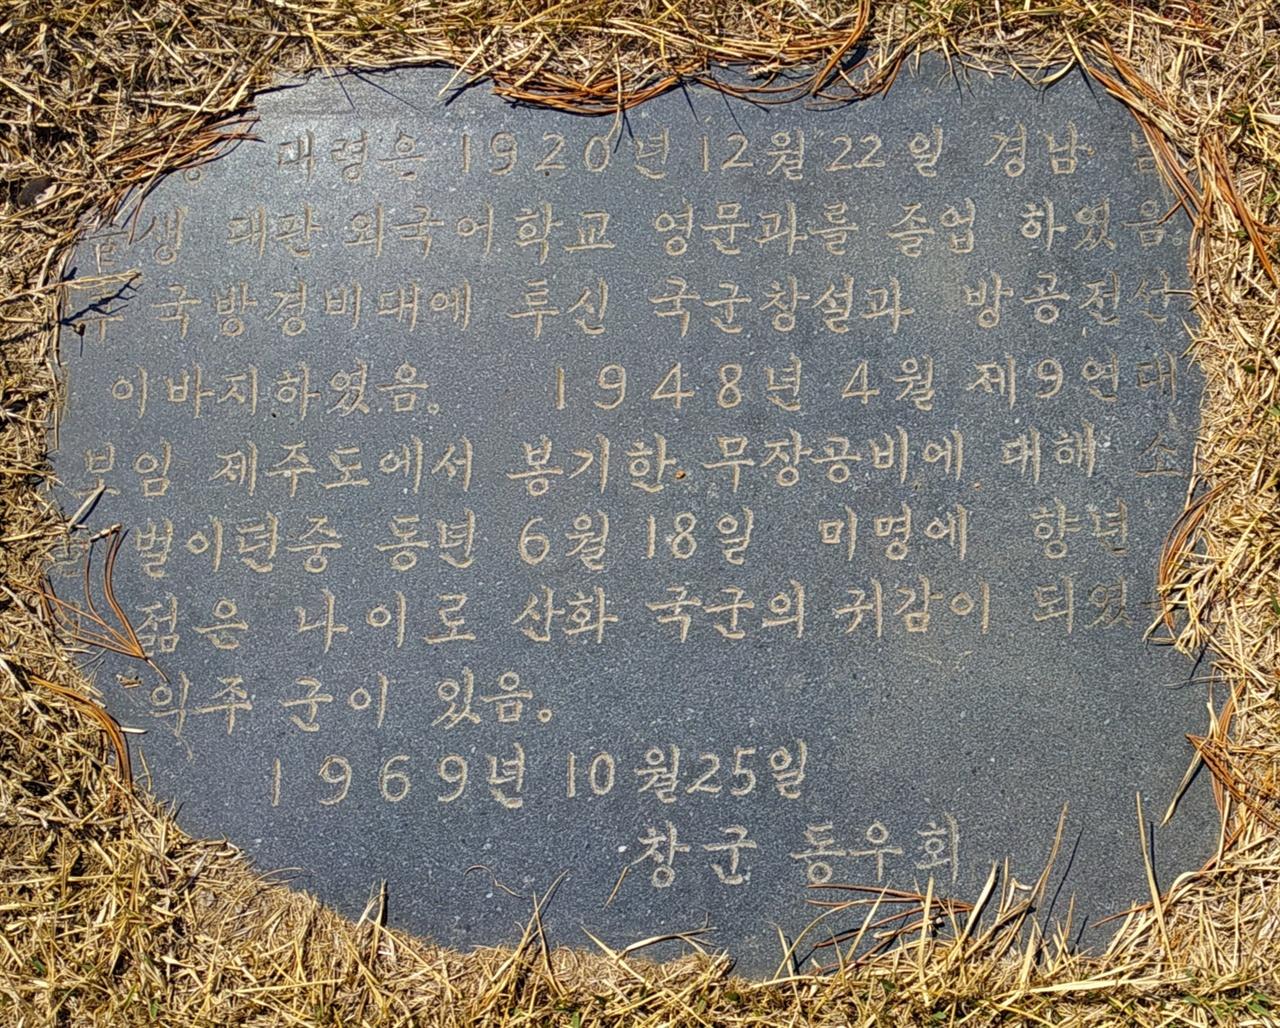 박진경 대령의 묘 앞에 새겨진 표석 제주 4.3 당시 9연대 연대장으로 있으면서 44일간 주민 3천명을 잡아들여 조사한 박진경은 문상길 중위를 비롯한 부하들에게 살해당하였다.